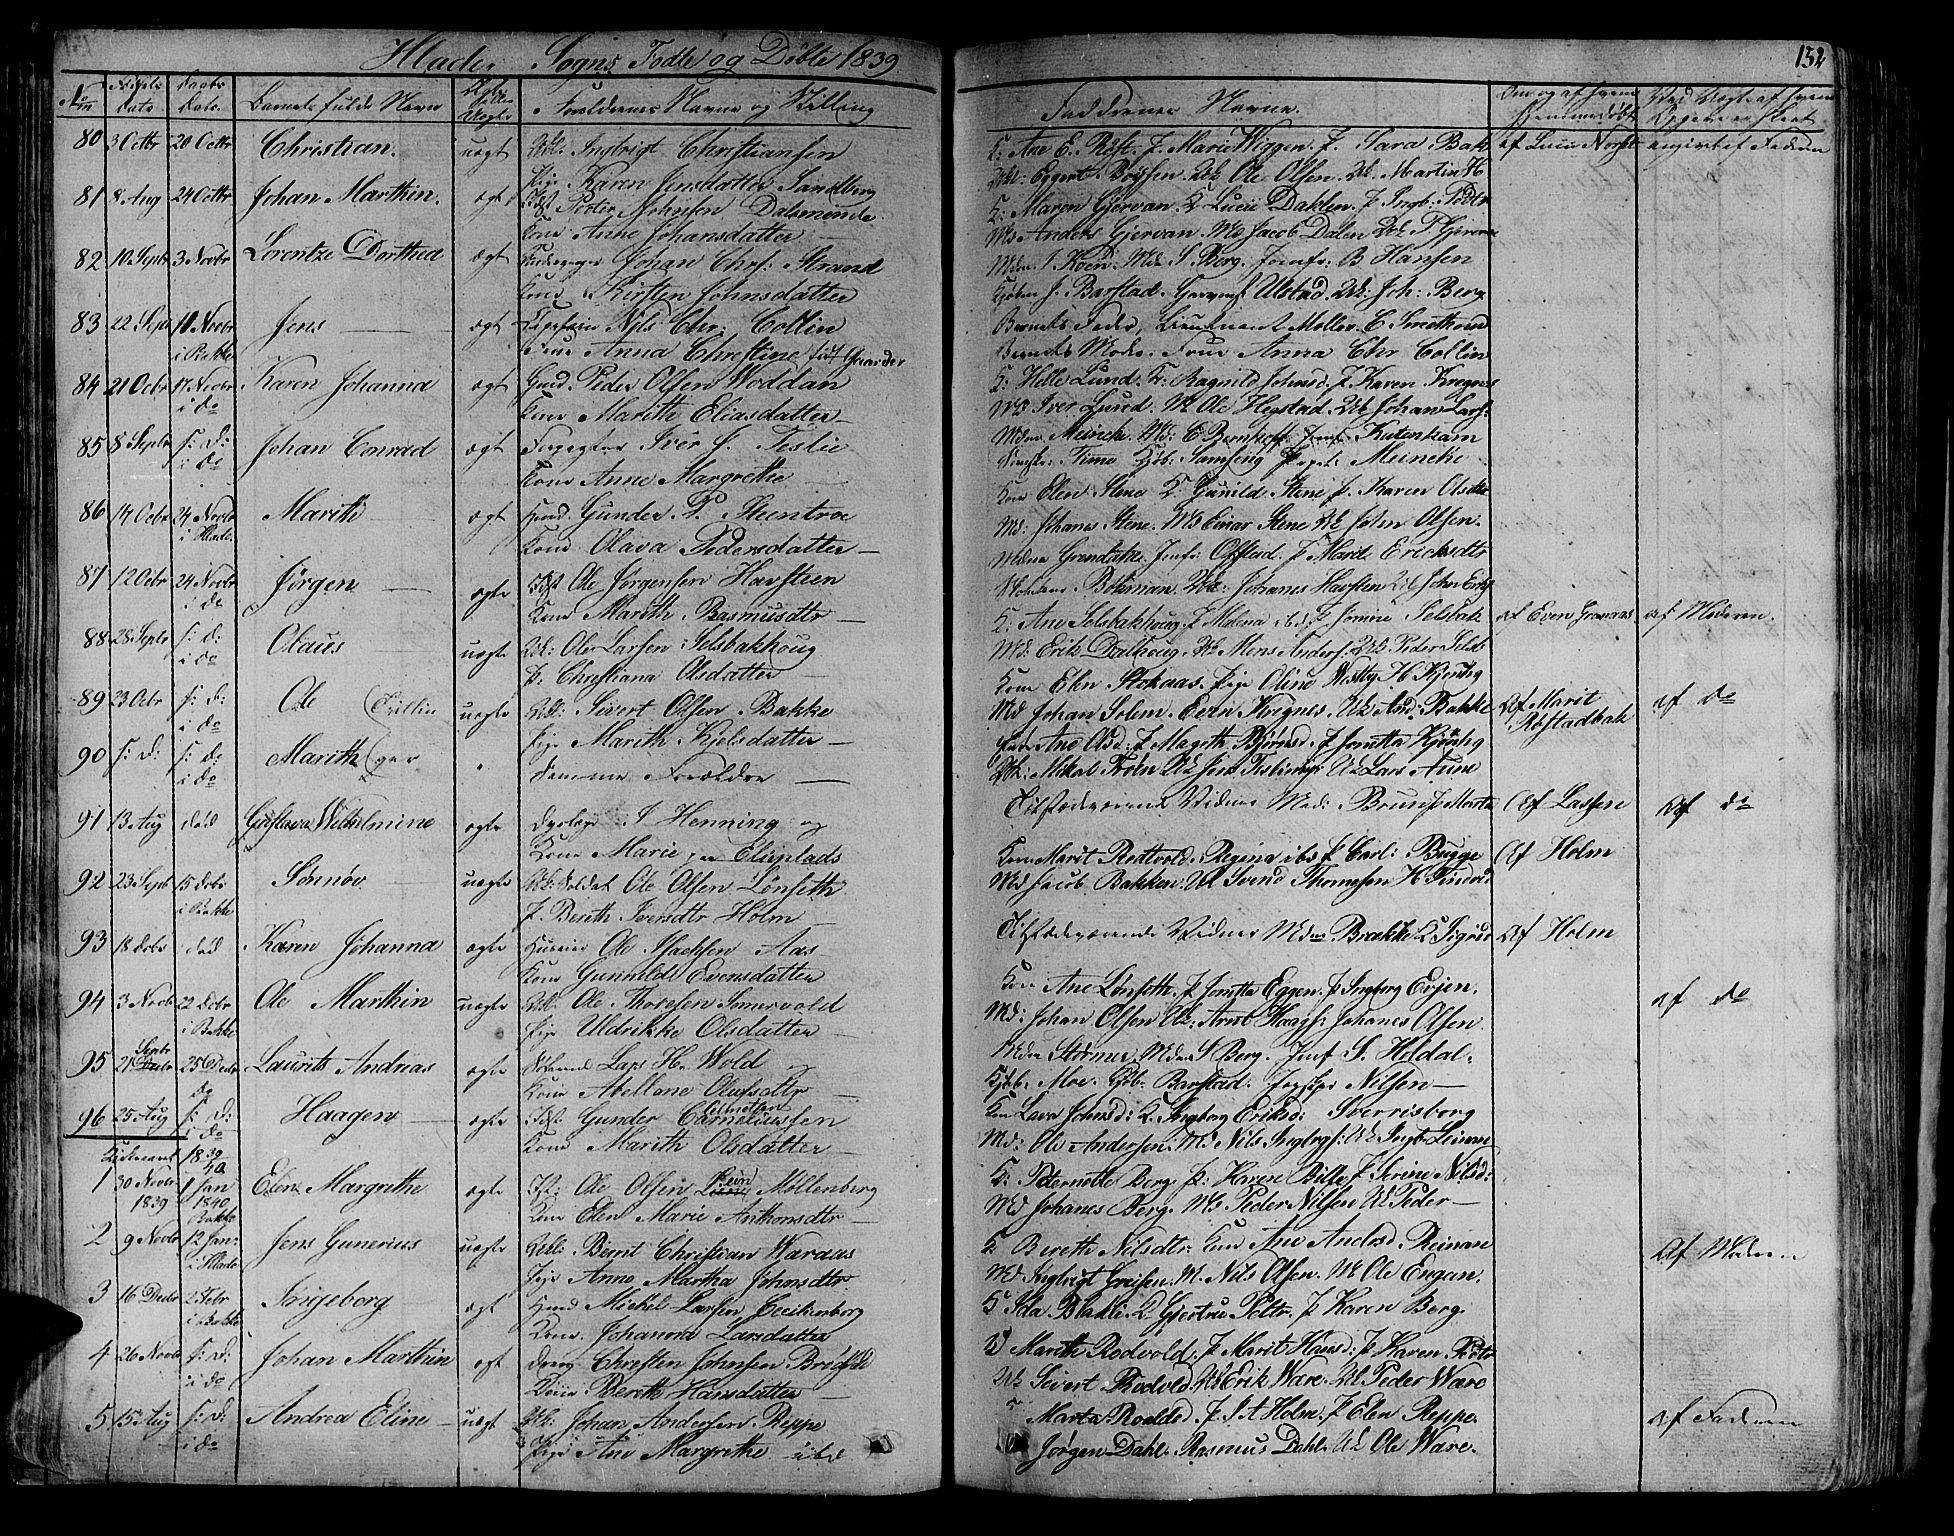 SAT, Ministerialprotokoller, klokkerbøker og fødselsregistre - Sør-Trøndelag, 606/L0286: Ministerialbok nr. 606A04 /1, 1823-1840, s. 132